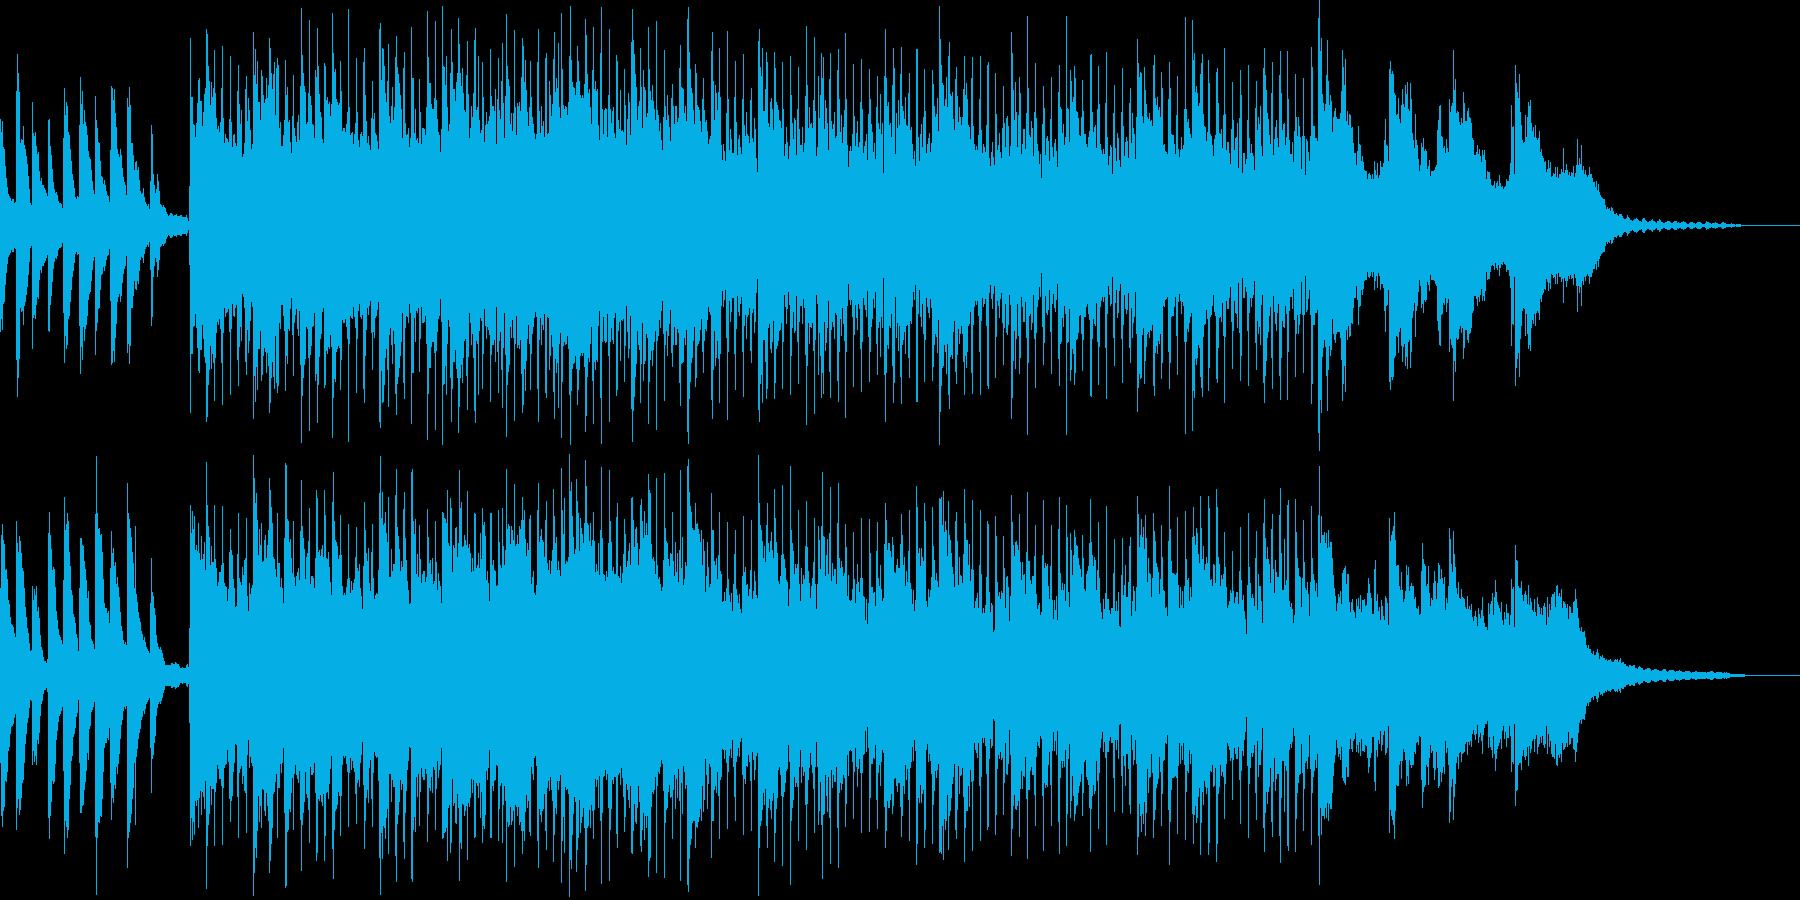 ギターとピアノの可愛い子守唄の再生済みの波形